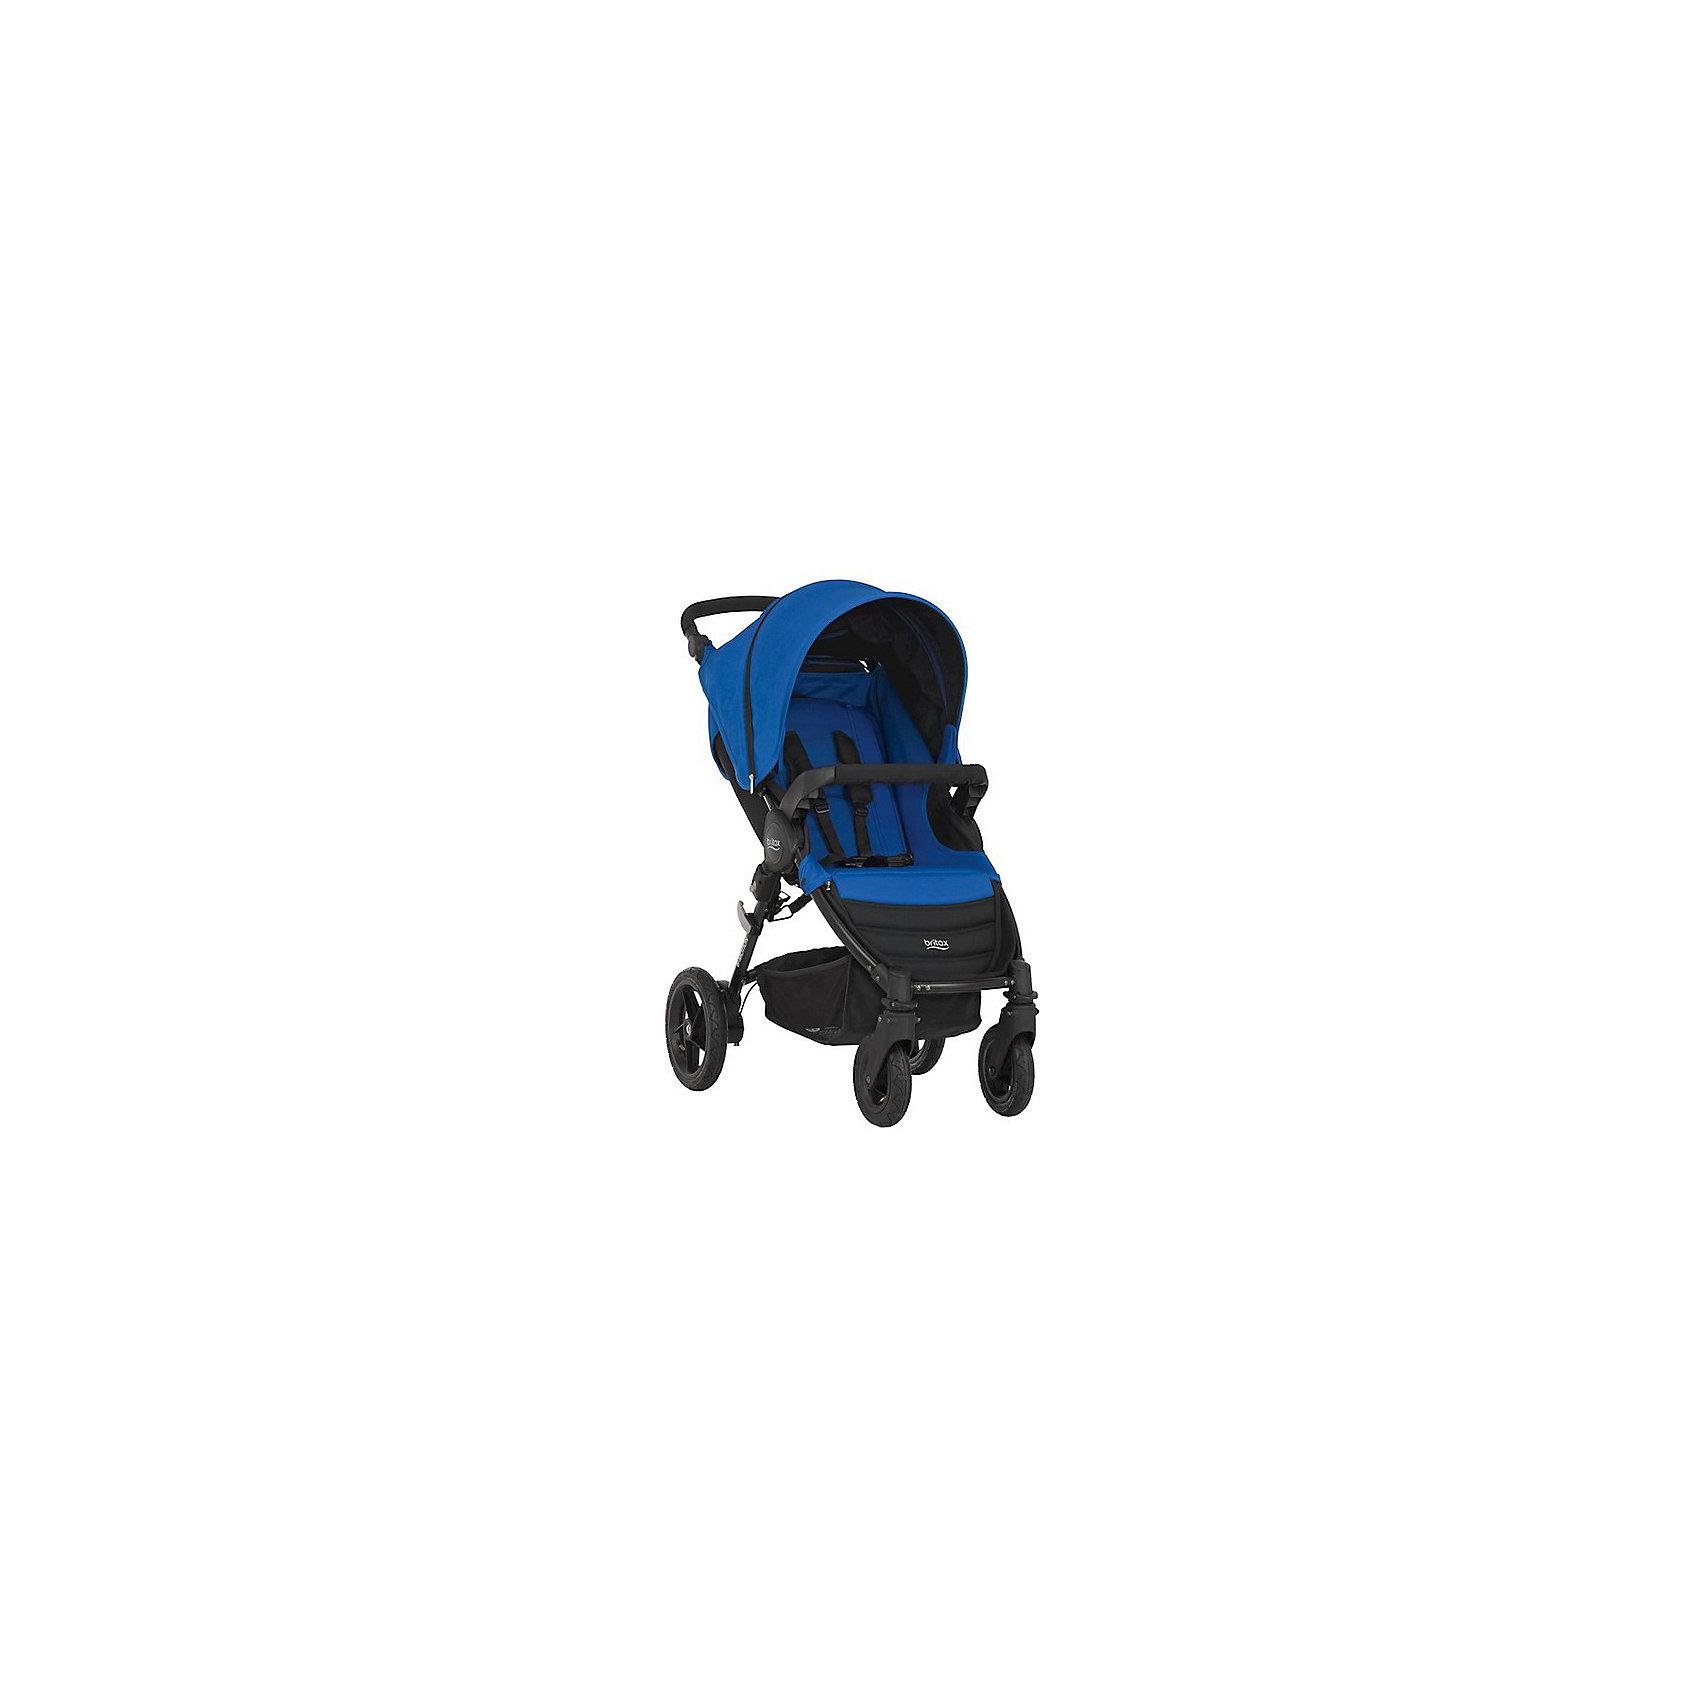 Прогулочная коляска Britax B-Motion 4, Ocean BlueПрогулочные коляски<br>Коляска B-Motion 4, Britax - прекрасный вариант для прогулок, путешествий и активного отдыха! Коляска имеет систему амортизации, передние поворотные колеса, небольшую ширину алюминиевой рамы, что гарантирует удобство, манёвренность и проходимость. Модель легко складывается одной рукой, имеет ножной тормоз и автоматическую блокировку складывания. Удобное сиденье эргономичной формы, подножка и регулируемая спинка обеспечат малышу спокойный и комфортный отдых, а пятиточечные страховочные ремни с мягкими накладками и съемный бампер  гарантируют безопасность. Благодаря встроенным переходникам Click&amp;Go на шасси коляски можно легко и быстро установить люльку или детское автокресло Baby-Safe, Baby-Safe Sleeper.<br><br>Дополнительная информация:<br><br>- Материал: алюминий, пластик, резина, текстиль.<br>- Тип складывания: книжка.<br>- Размер: 105?58?100  см.<br>- Размер в сложенном виде: 27х58х70 см<br>- Размер сиденья: 24х29 см. <br>- Ширина шасси: 58 см.<br>- Ширина сиденья: 35 см. <br>- Вес: 10,5 кг.<br>- Диаметр колес: заднее - 22,5 см;  переднее - 13,5 см.<br>- Регулируемая высота ручки. <br>- Передние поворотные колеса с фиксацией.<br>- Возможность установки на шасси коляски люльки или автокресла группы 0+.<br>- Ножной тормоз.<br>- Регулируемый наклон спинки (до положения лежа).<br>- Пятиточечные ремни безопасности.<br>- Регулируемая подножка.<br>- Съемный бампер. <br>- Корзина для вещей.<br>- Максимальная нагрузка: 20 кг .<br><br>Прогулочную коляску B-Motion 4, Britax (Бритакс), Ocean Blue, можно купить в нашем магазине.<br><br>Ширина мм: 700<br>Глубина мм: 380<br>Высота мм: 270<br>Вес г: 10500<br>Возраст от месяцев: 0<br>Возраст до месяцев: 48<br>Пол: Унисекс<br>Возраст: Детский<br>SKU: 4722158